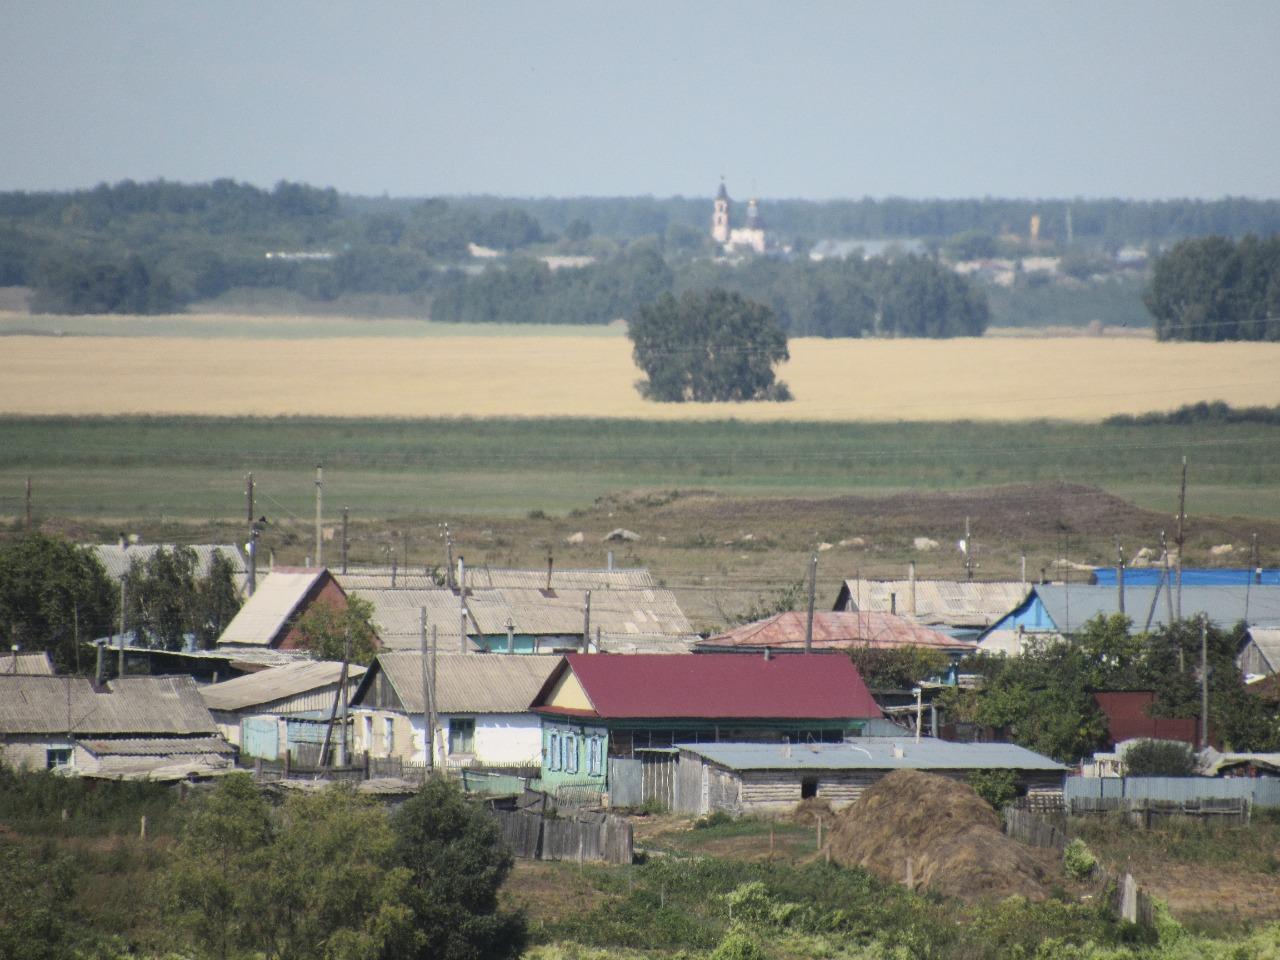 Деревни Северного Казахстана: Архангельское и Новокаменка